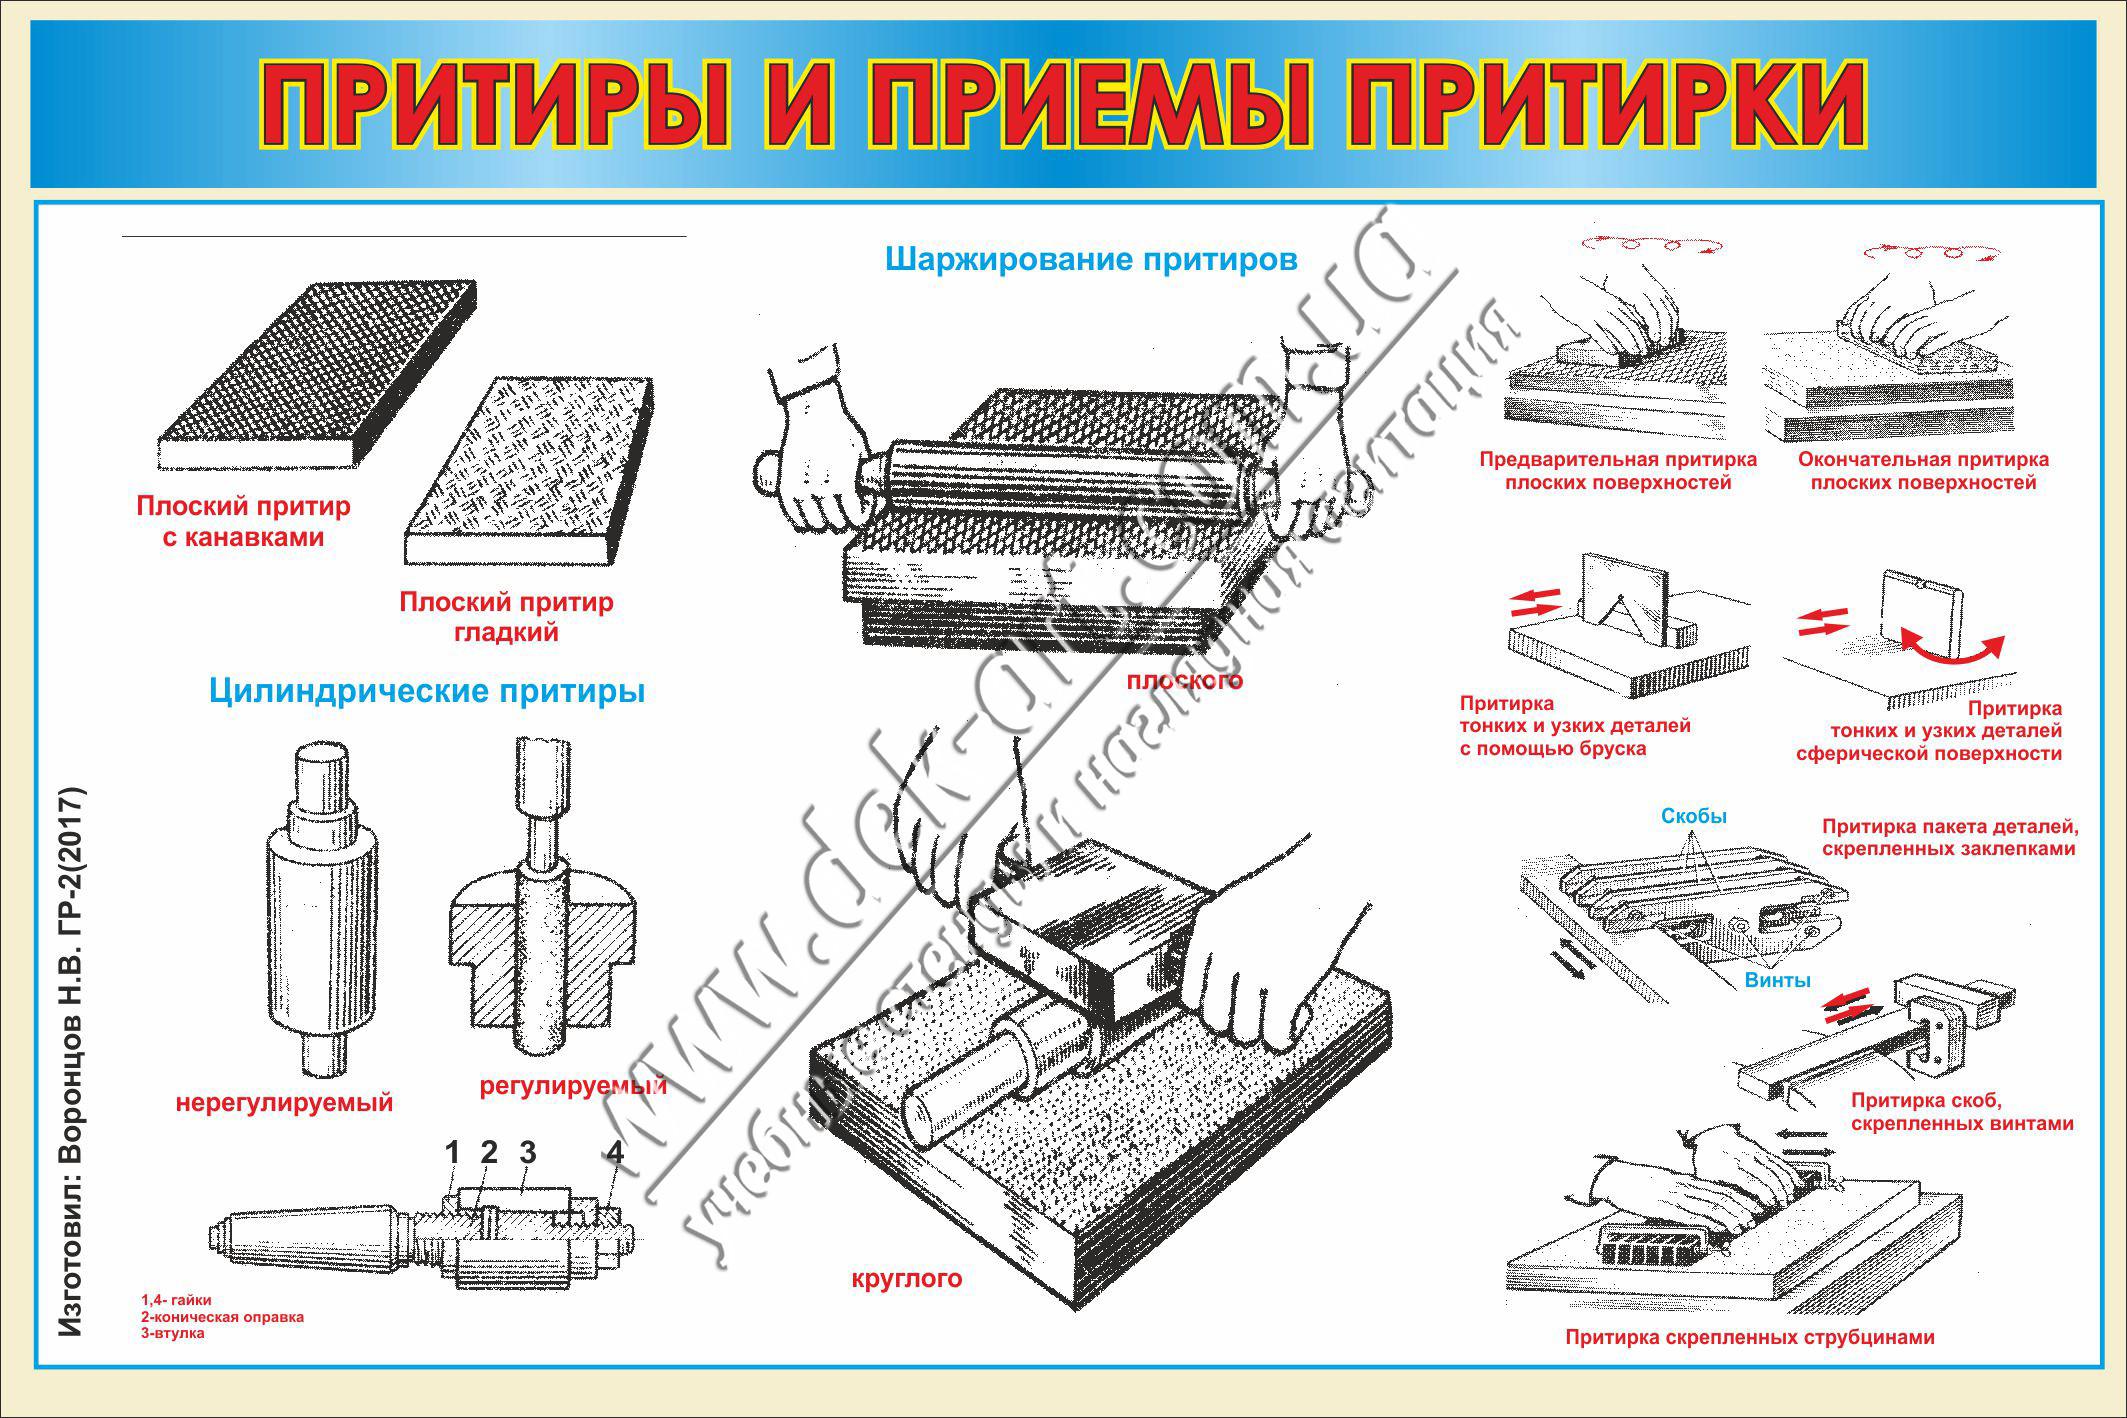 Притирка и доводка //  библиотека технической литературы